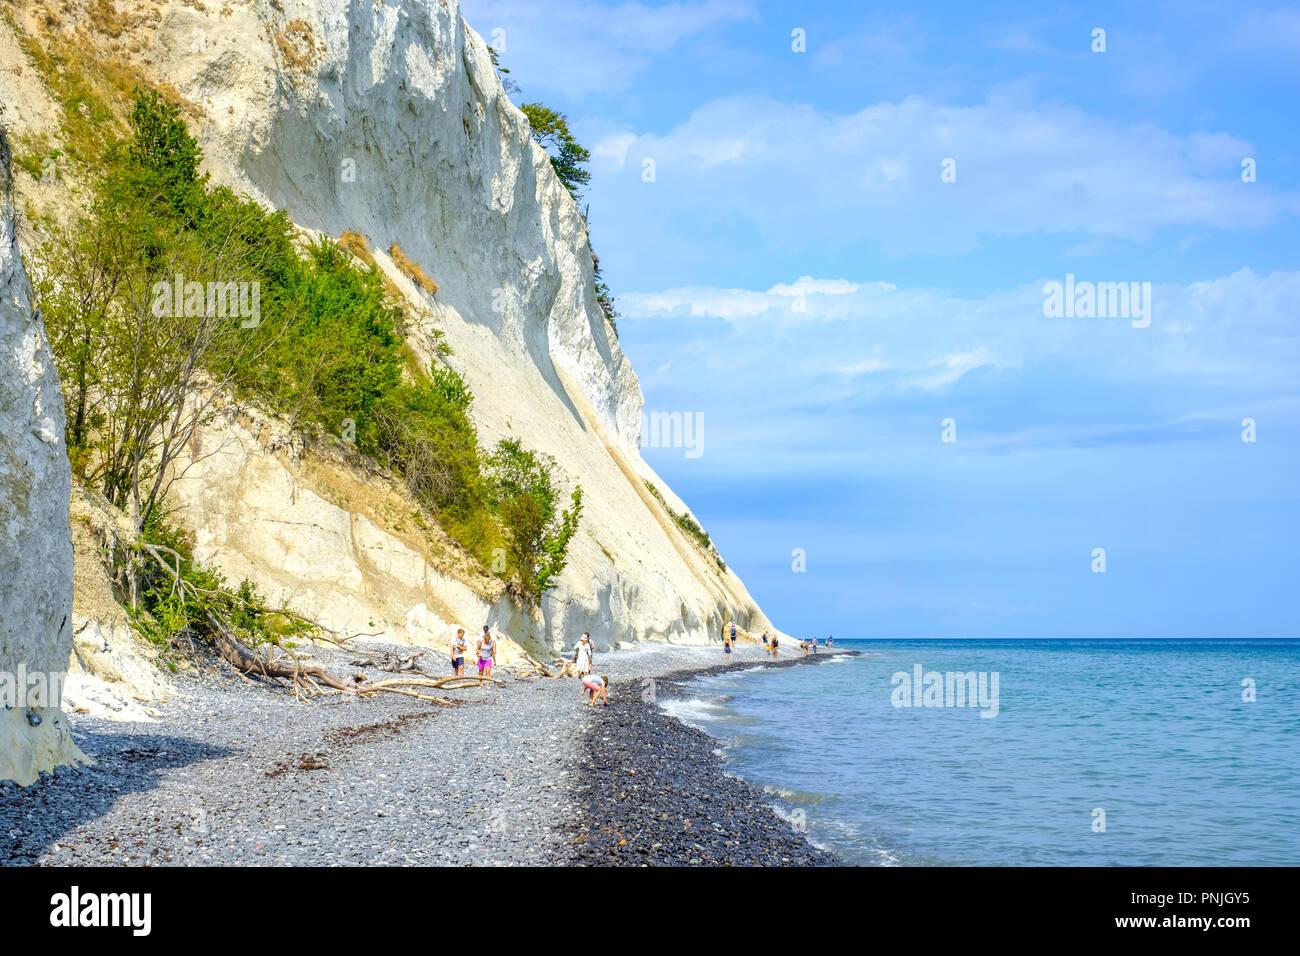 Moens Klint, les falaises blanches de l'île de Moen, Moen, le Danemark, la Scandinavie, l'Europe. Banque D'Images